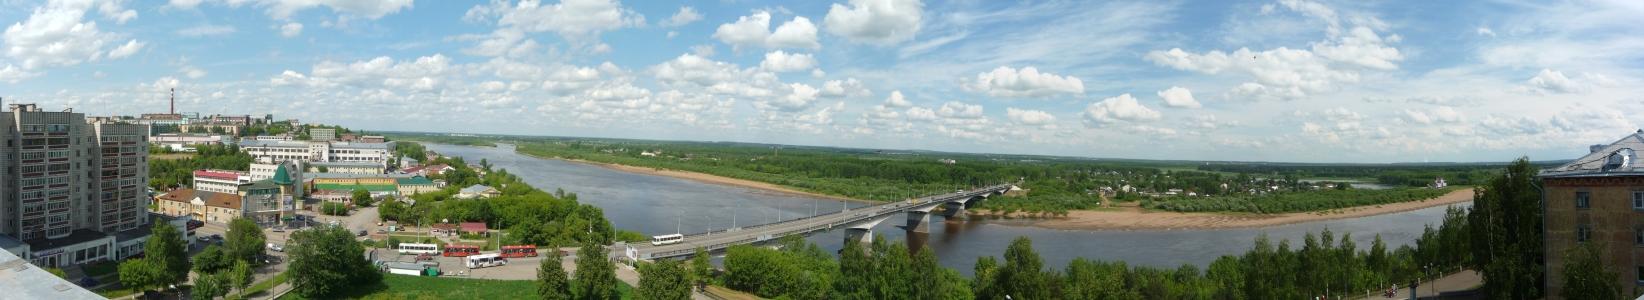 Обзорная панорама из здания КОГКУ  «ГАСПИ КО»